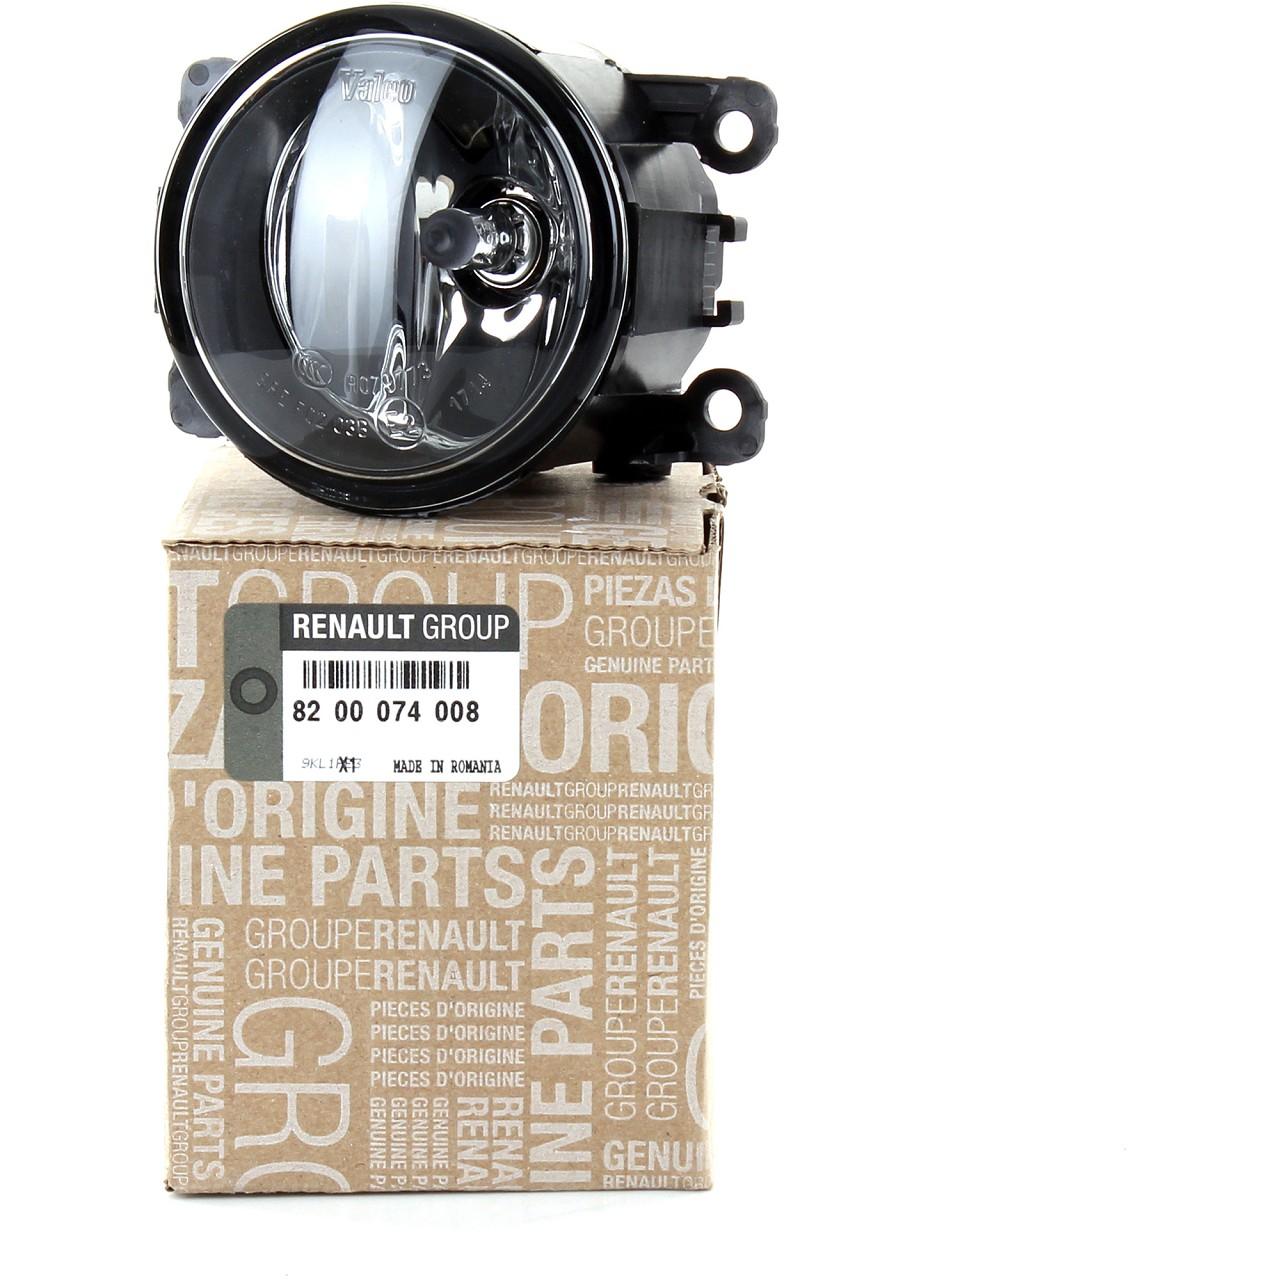 ORIGINAL Renault Nebelscheinwerfer Nebelleuchte Nebellicht beidseitig 8200074008